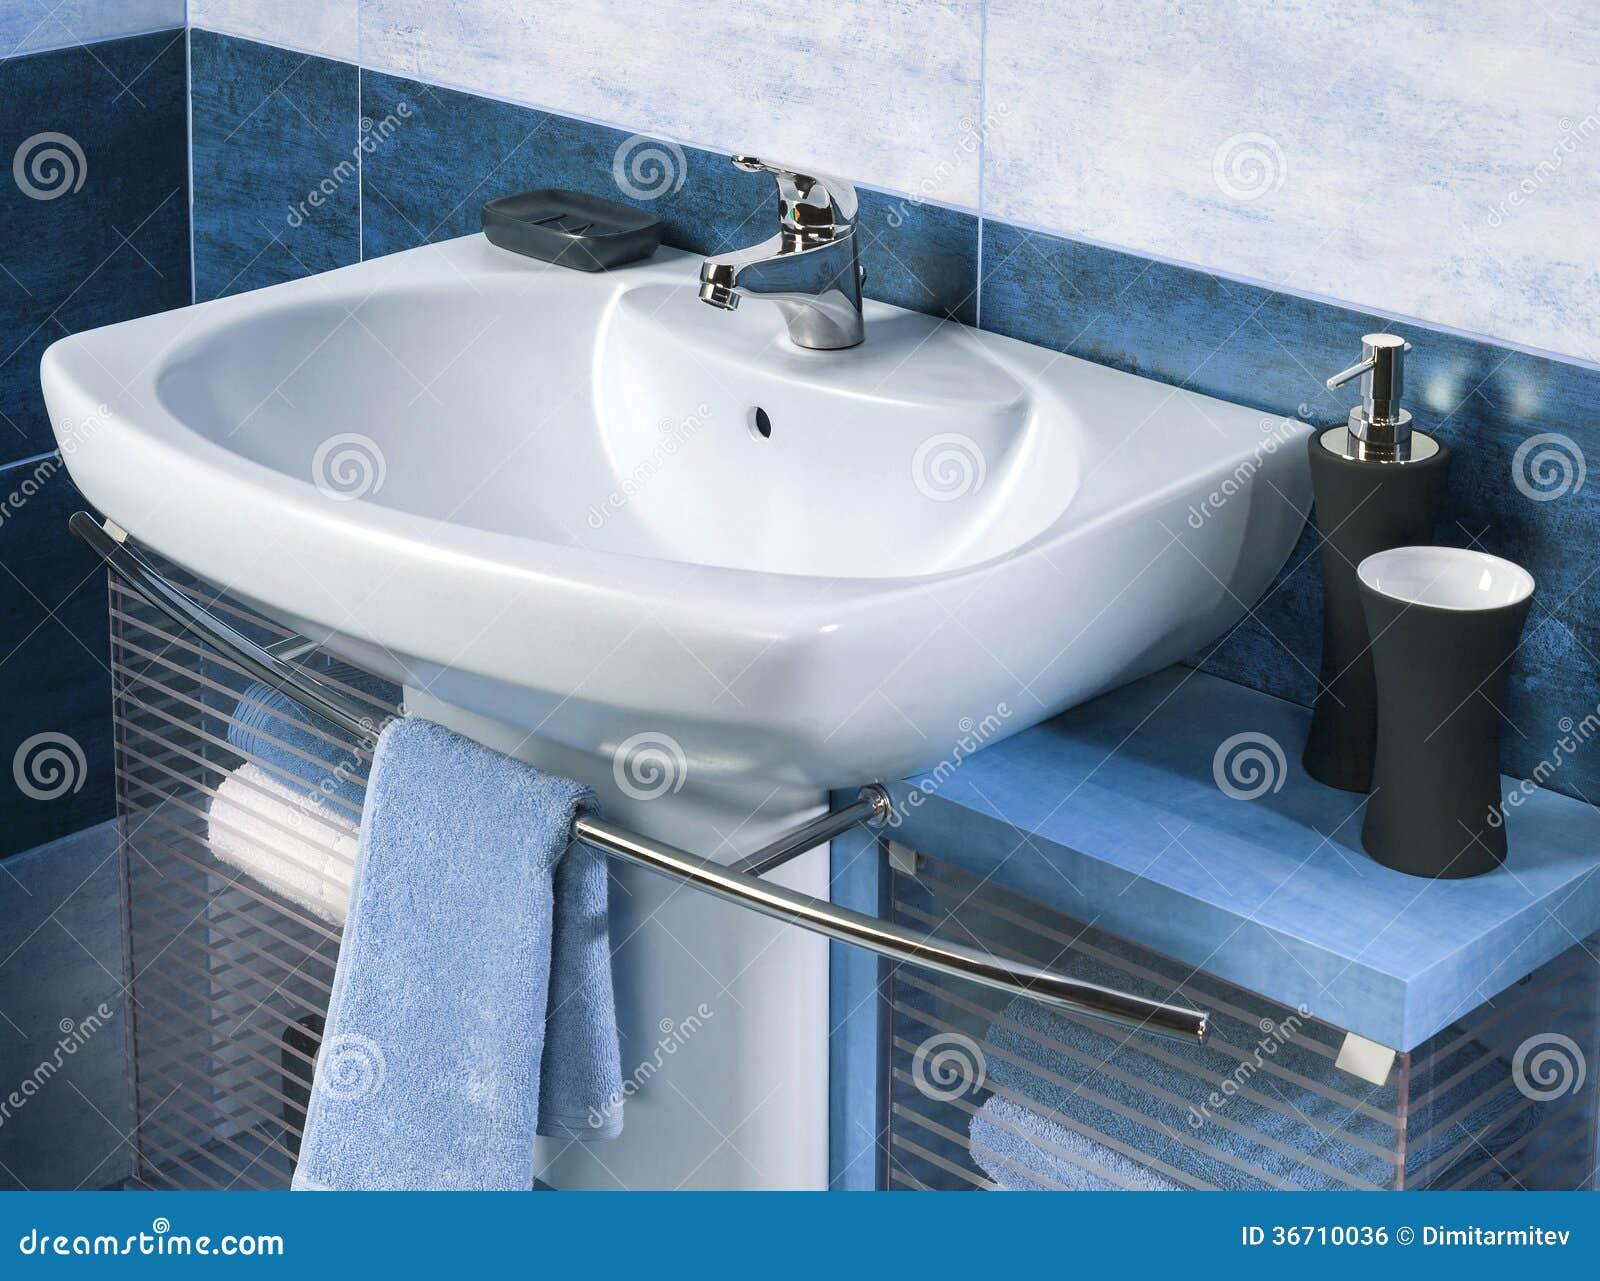 Dettaglio di un bagno moderno con il lavandino e gli accessori